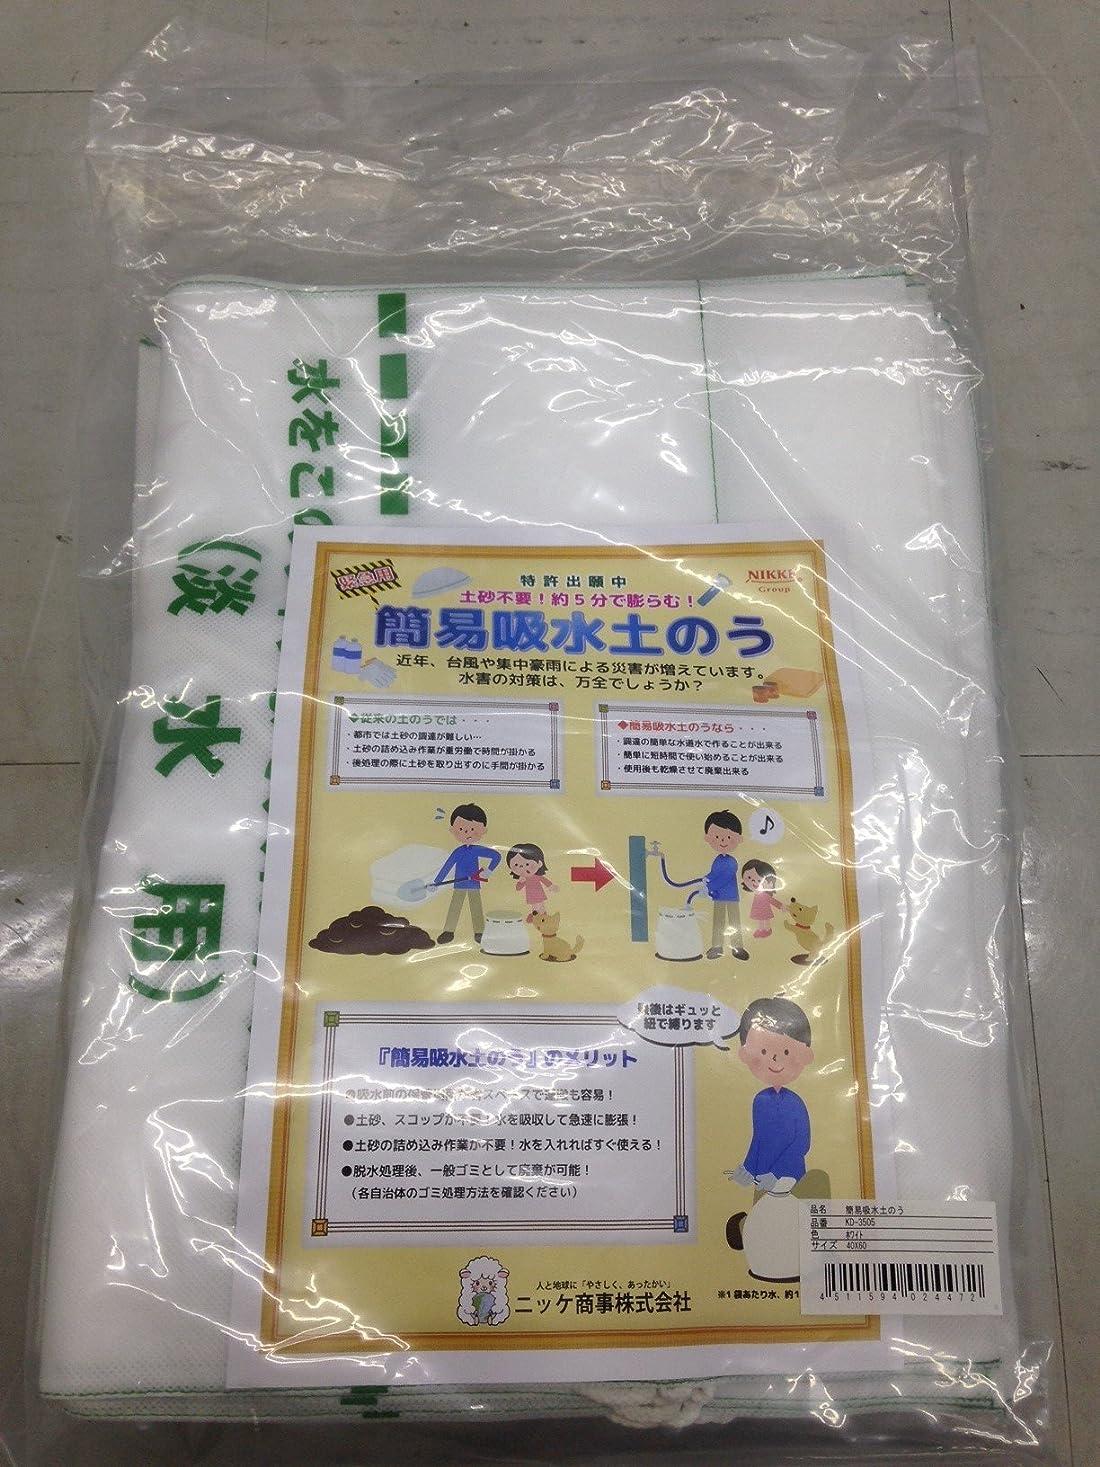 で広告滅びる簡易吸水土のう 緊急用 5年間保存可能 1袋10枚入り×5セット